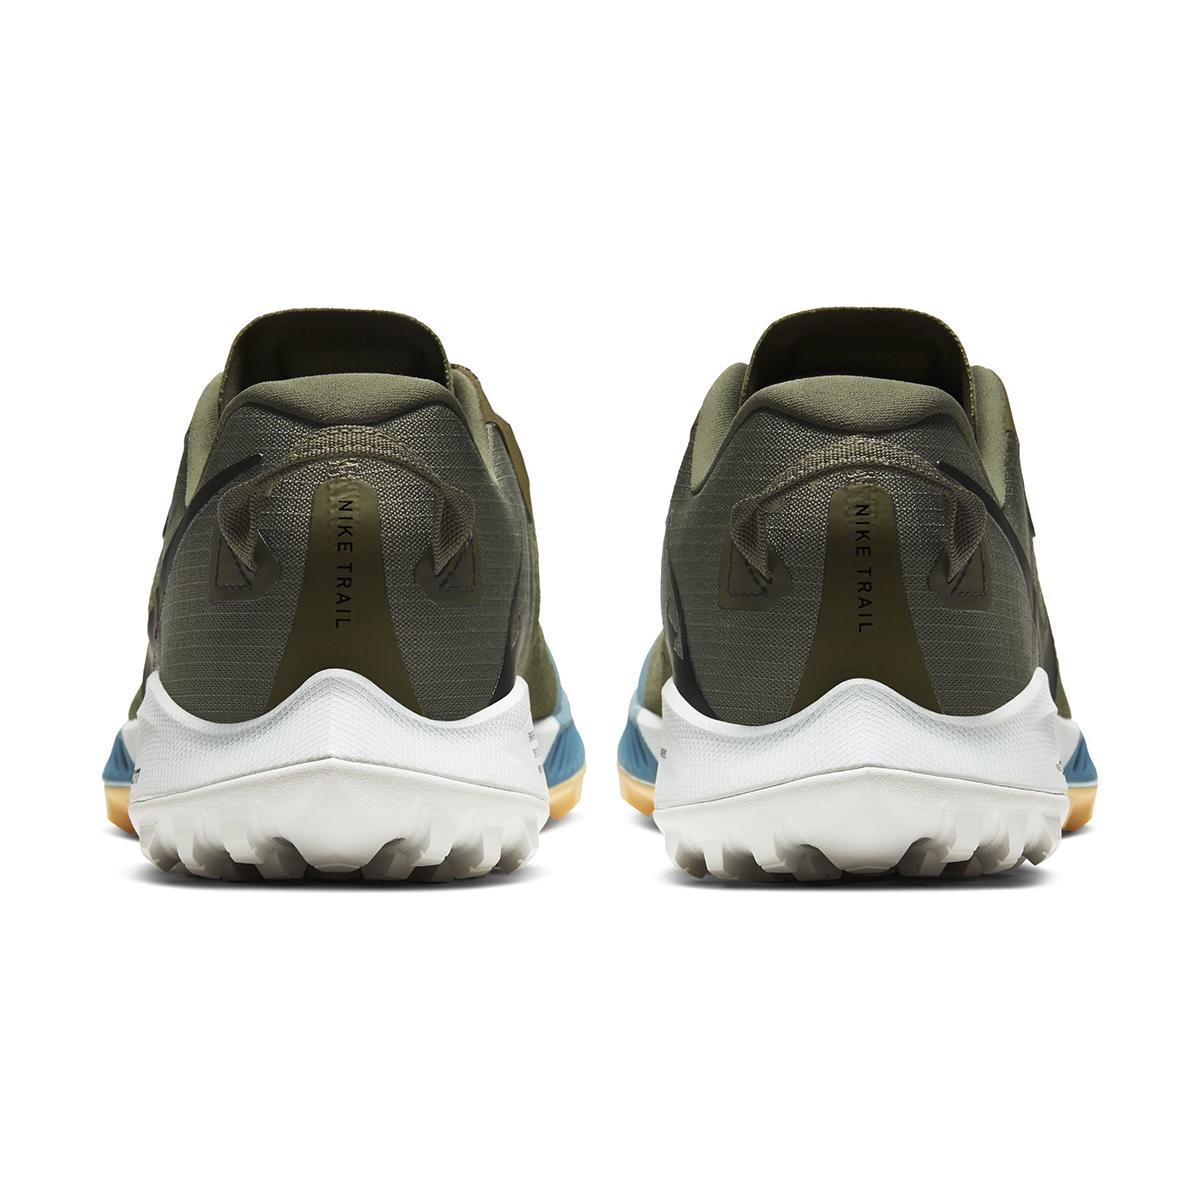 Men's Nike Air Zoom Terra Kiger 6 Trail Running Shoe - Color: Medium Olive/Orange Trance/Cerulean/Black (Regular Width) - Size: 6, Medium Olive/Orange Trance/Cerulean/Black, large, image 3